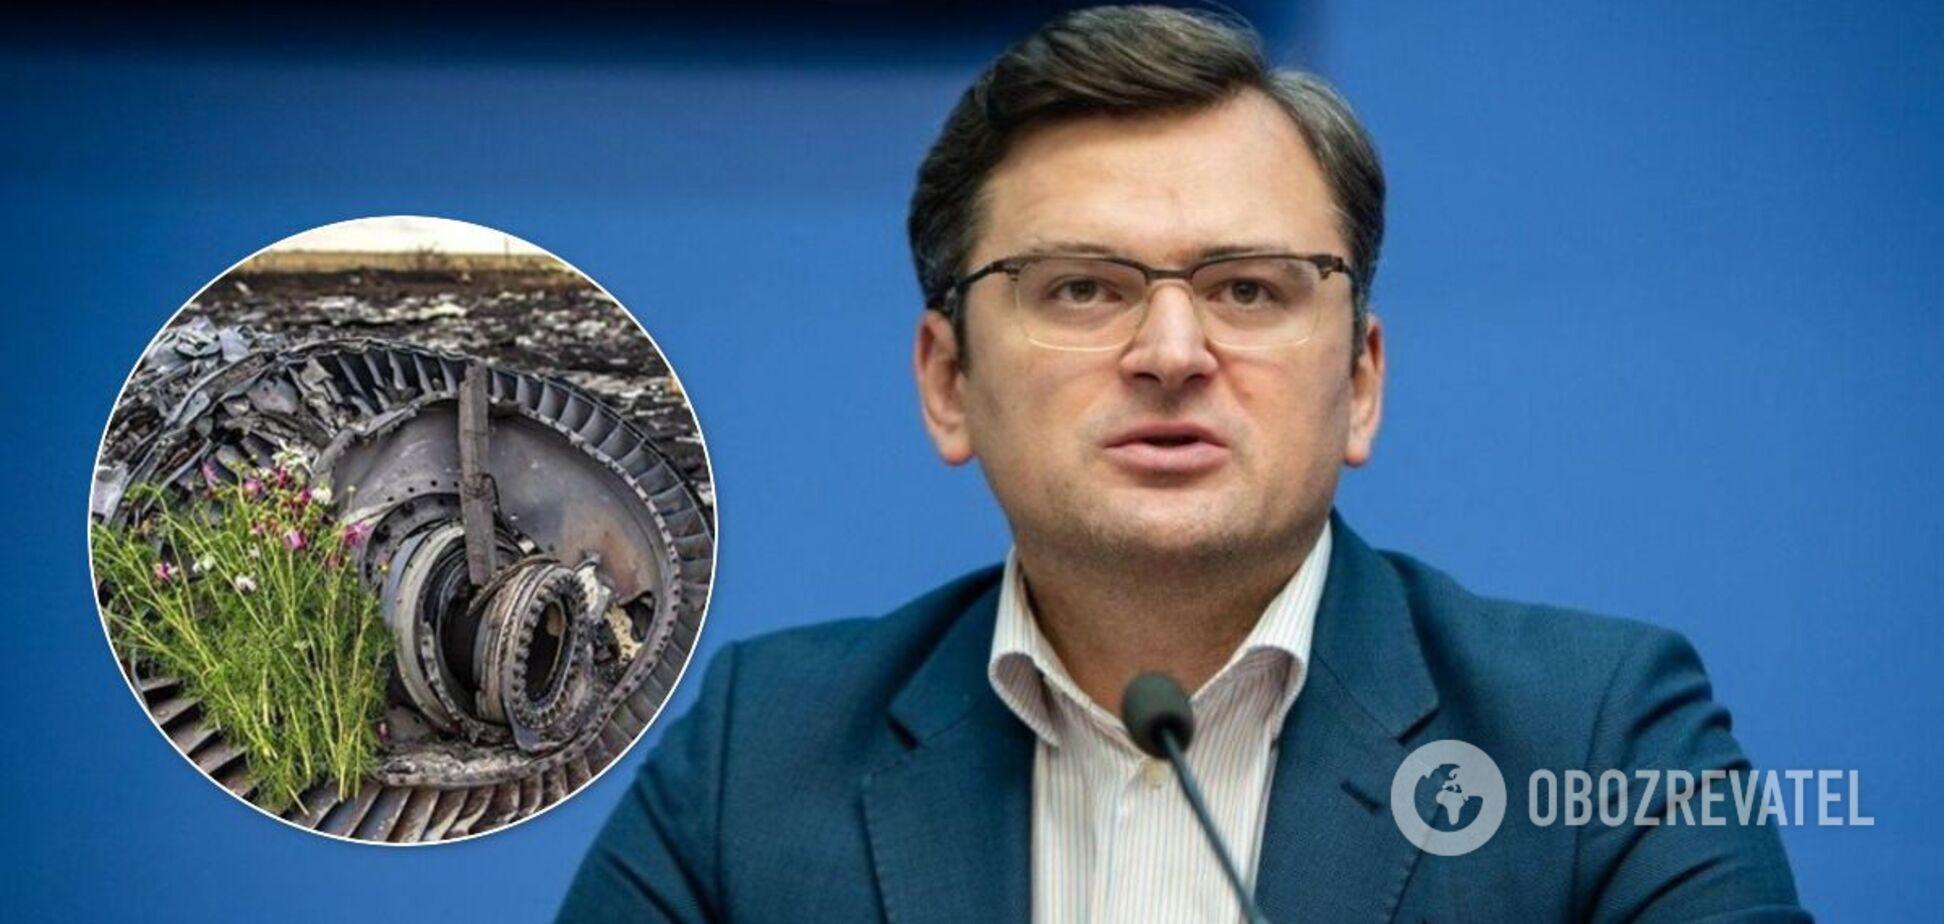 Дмитро Кулеба пояснив причину виходу РФ з консультацій щодо МН17